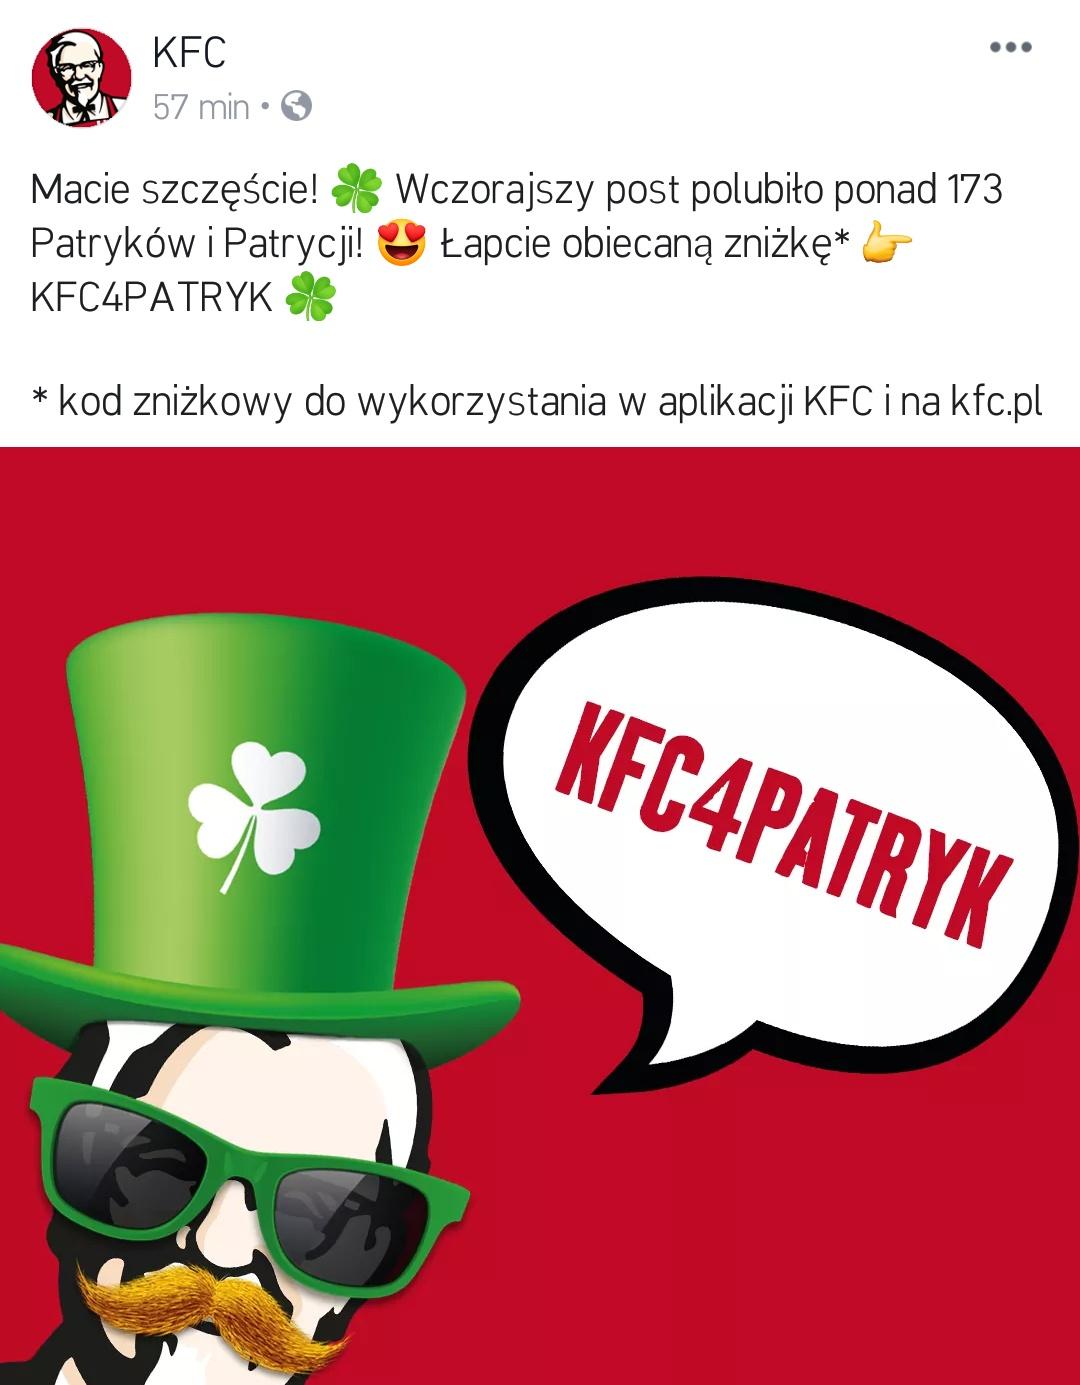 -17% do kfc